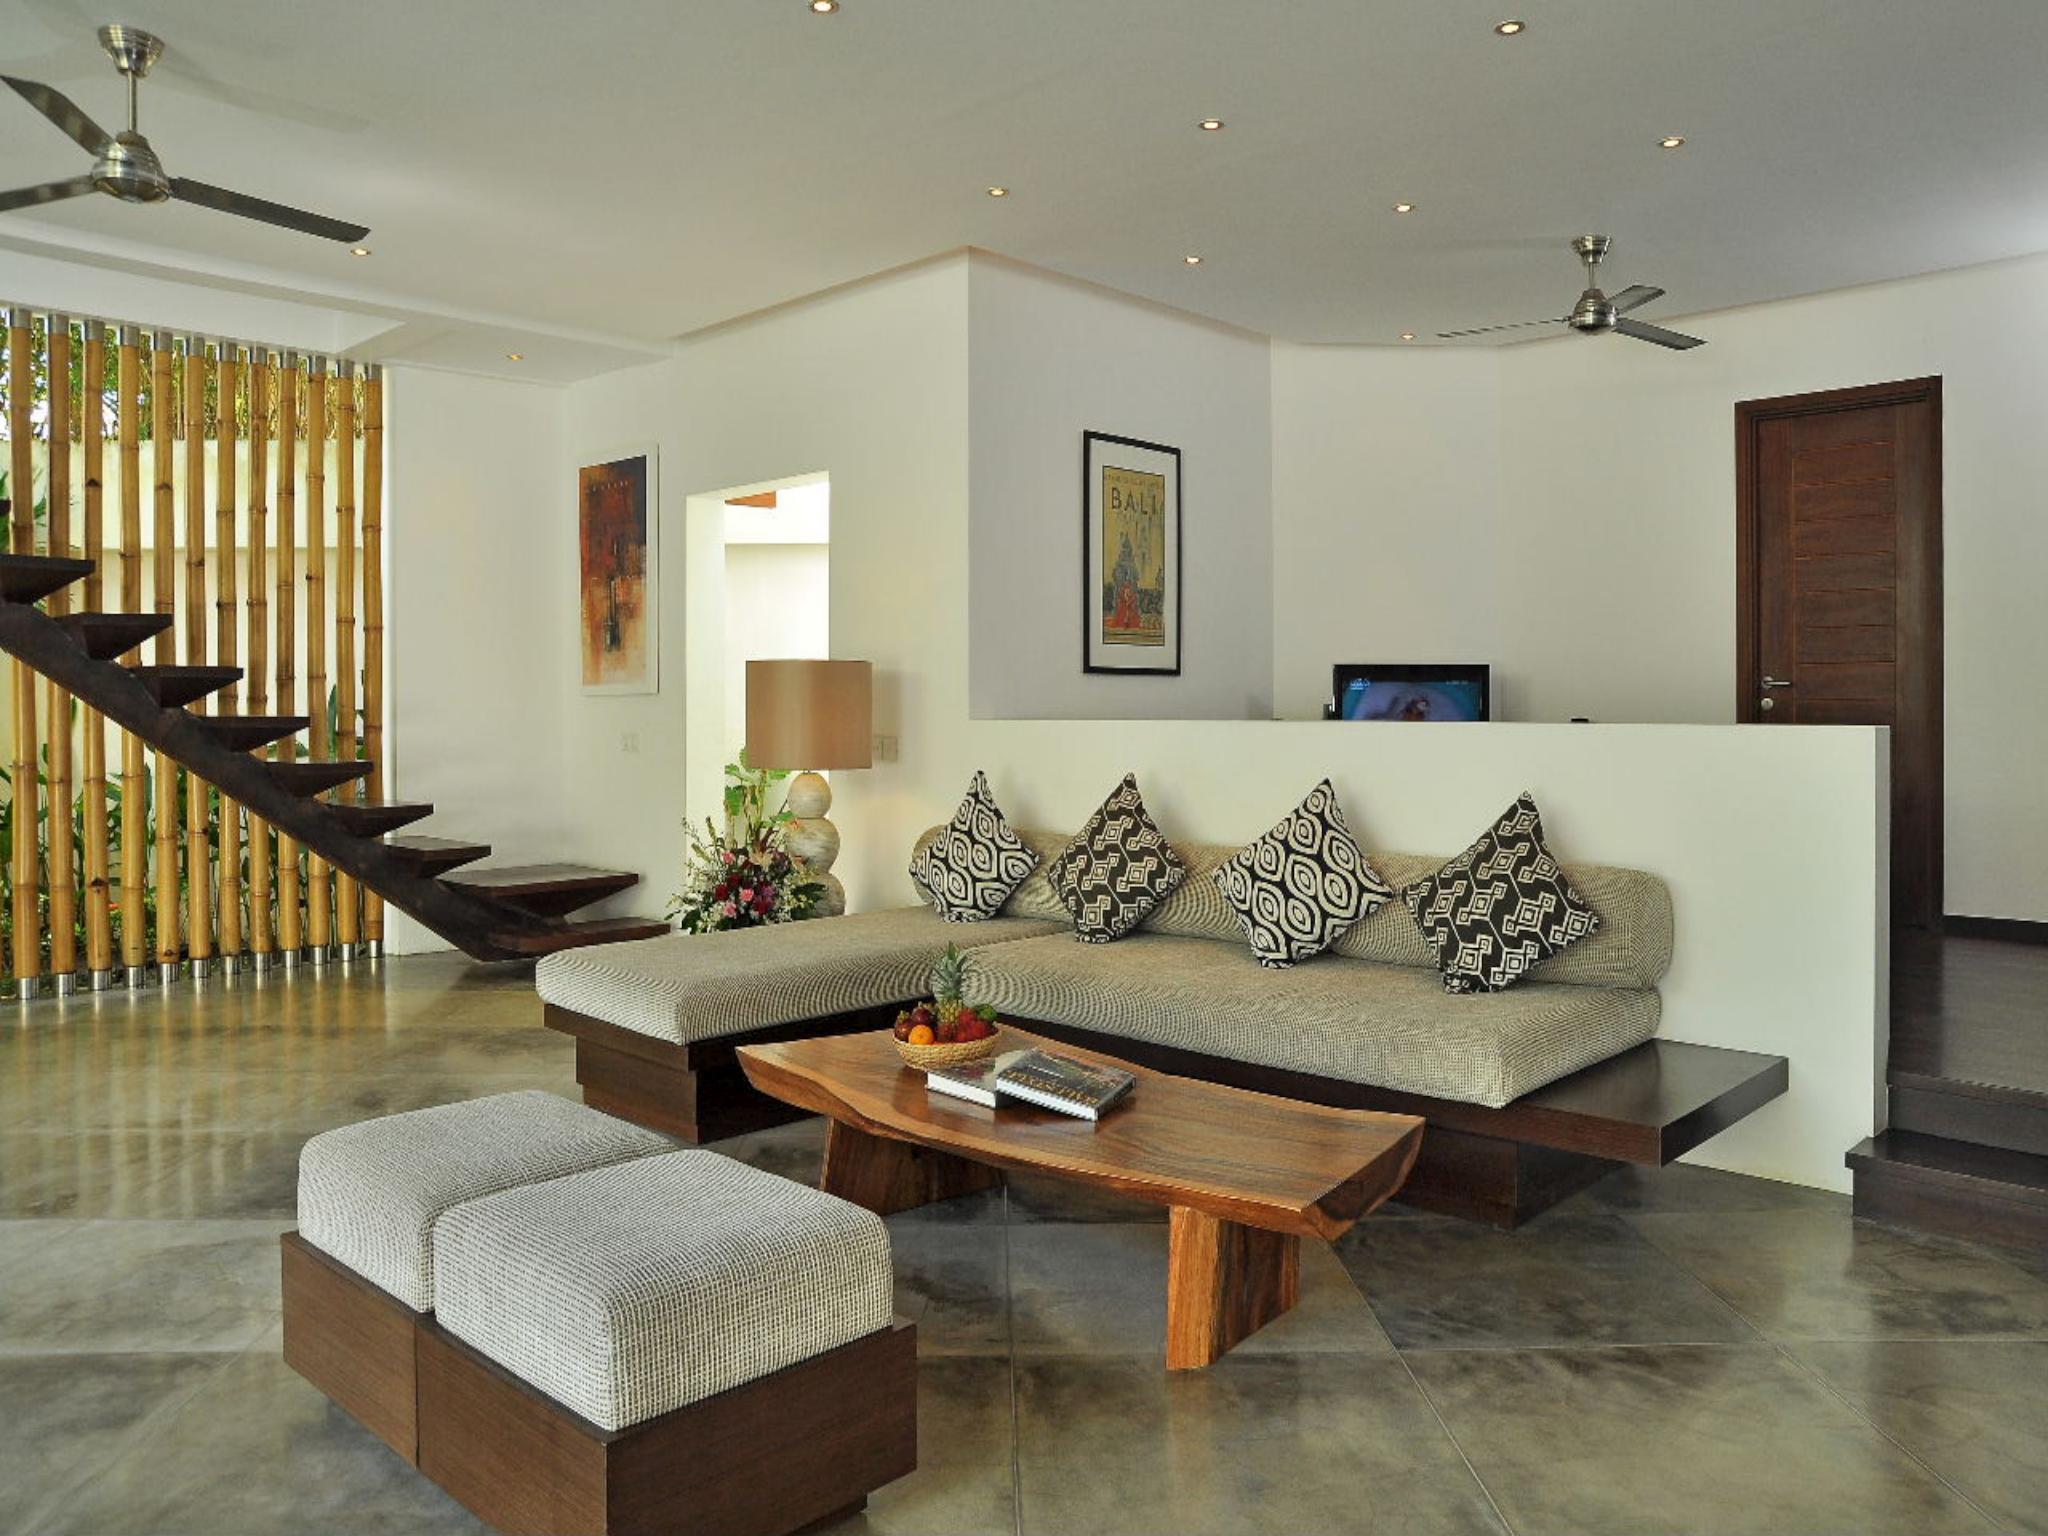 Villa La Sirena 2 by Nagisa Bali ホテル詳細